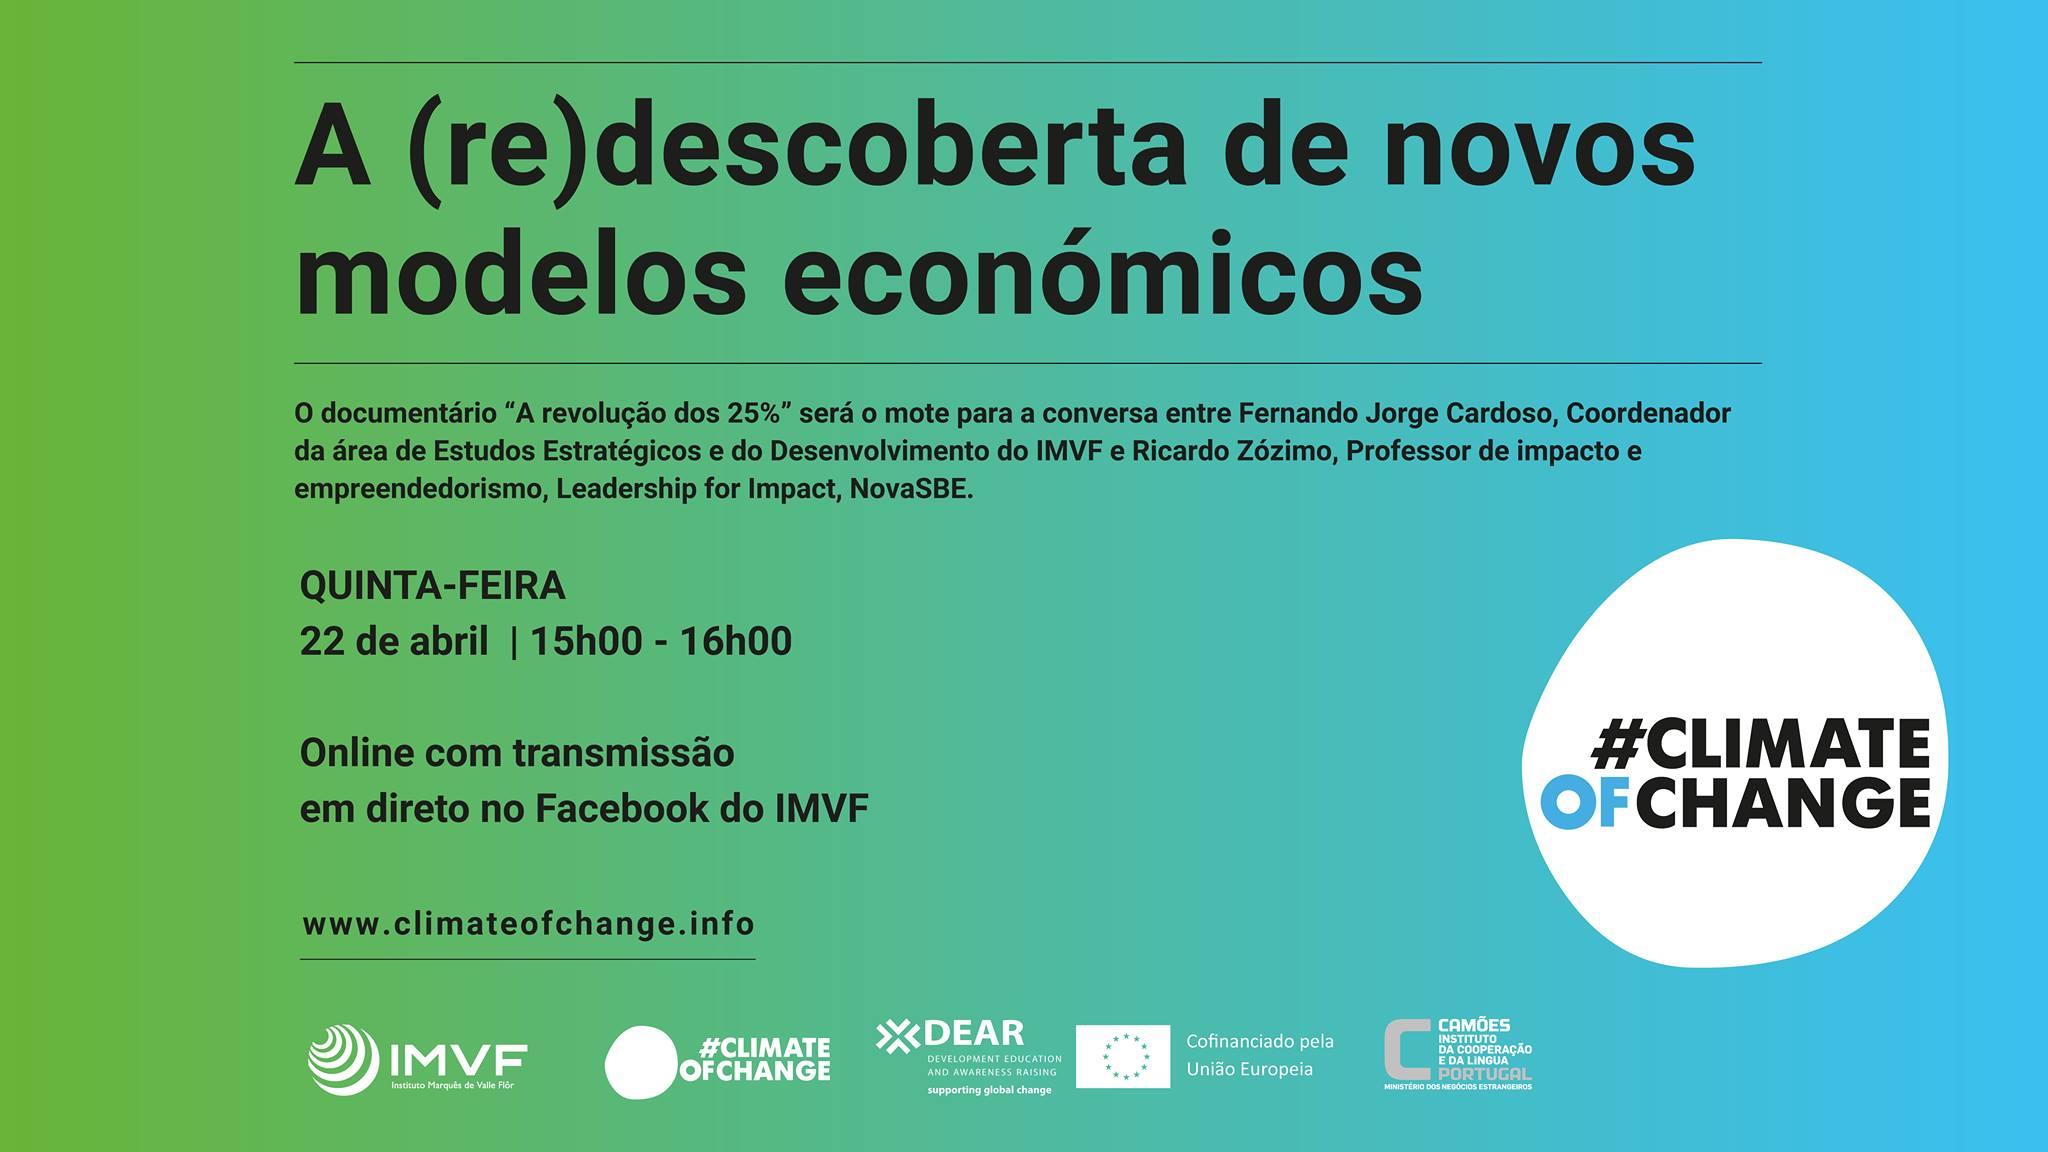 Webinar #ClimateOfChange: A (re)descoberta de novos modelos económicos | Inscrição Obrigatória*